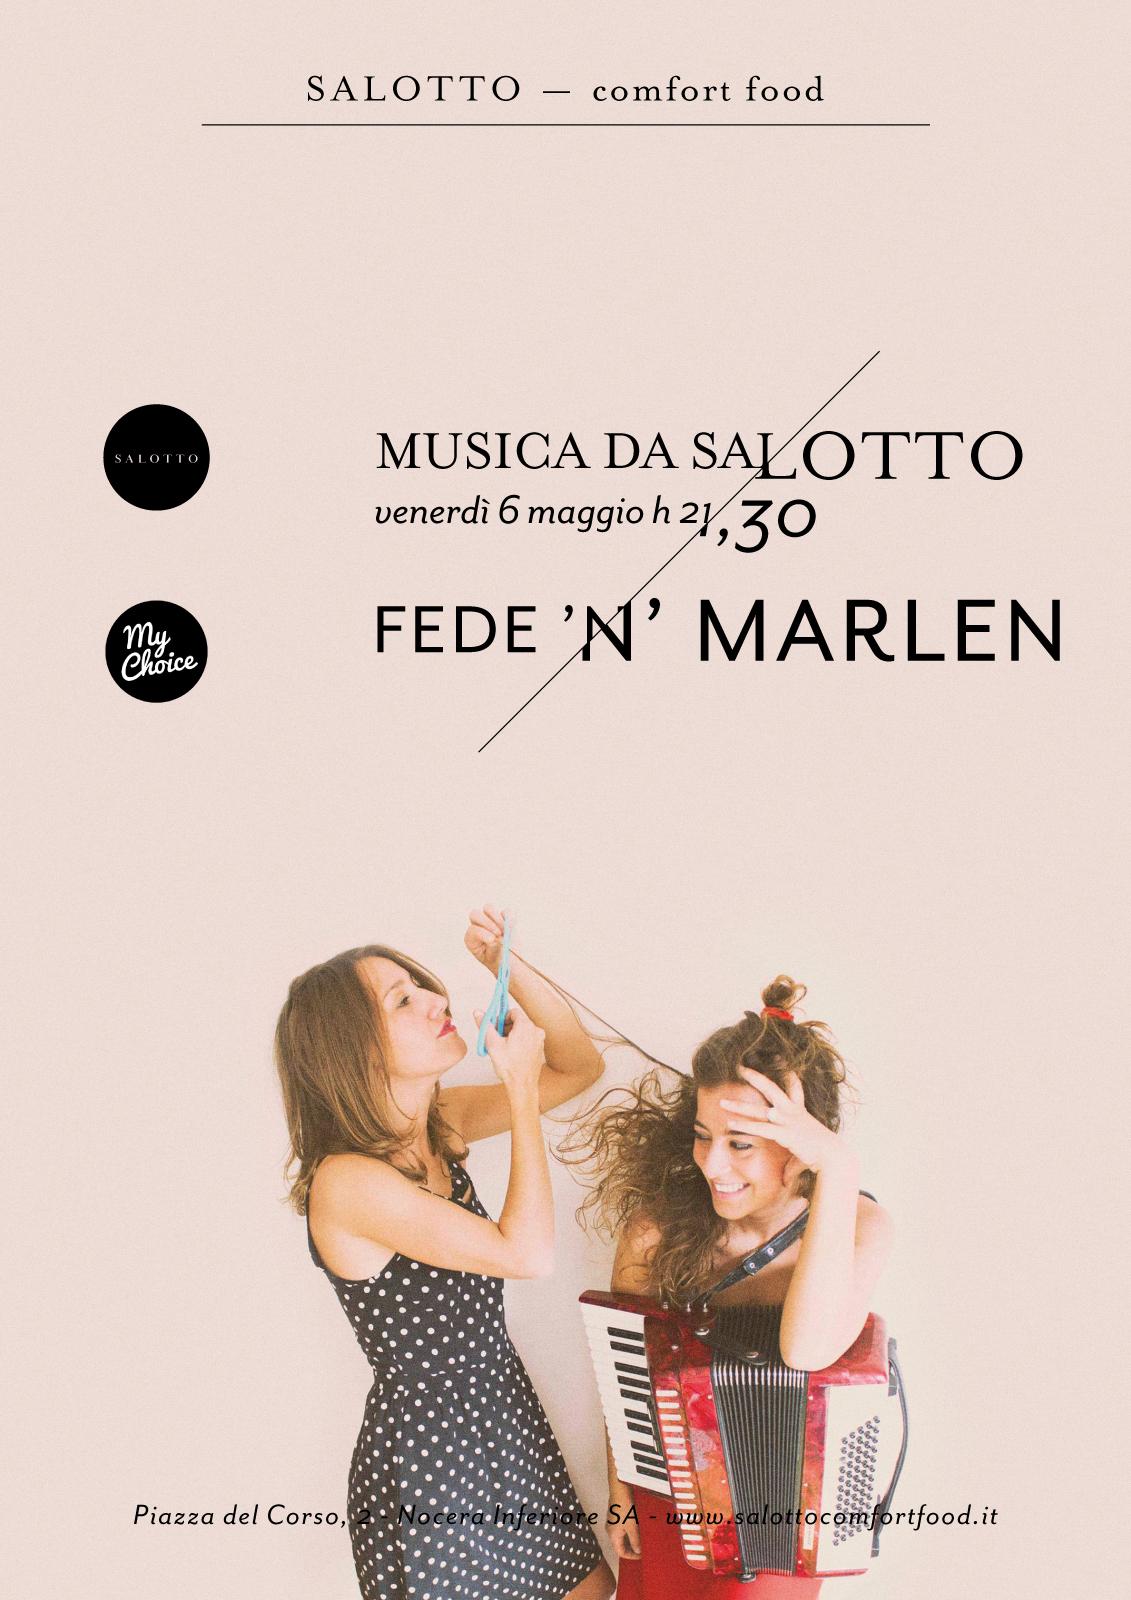 forzastudio_salotto_branding_fedenmarlen_a3